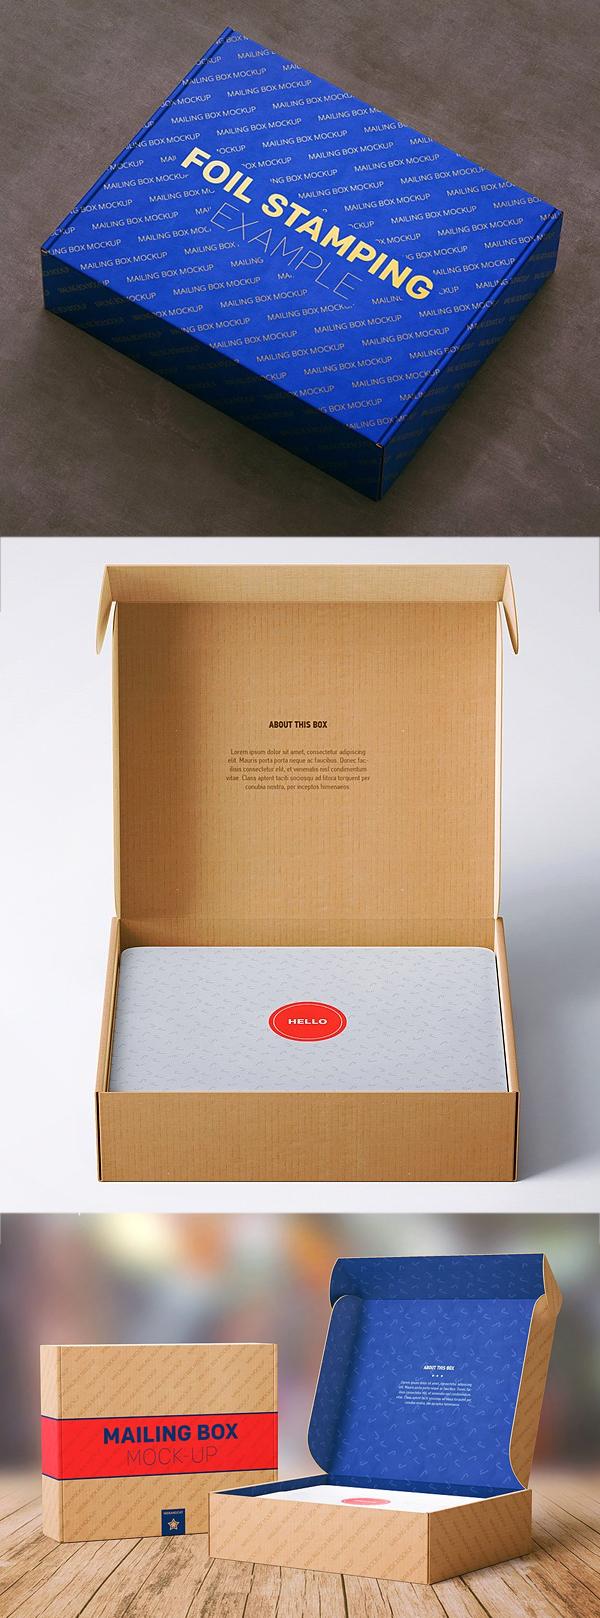 Mailing Box Packaging Mockup